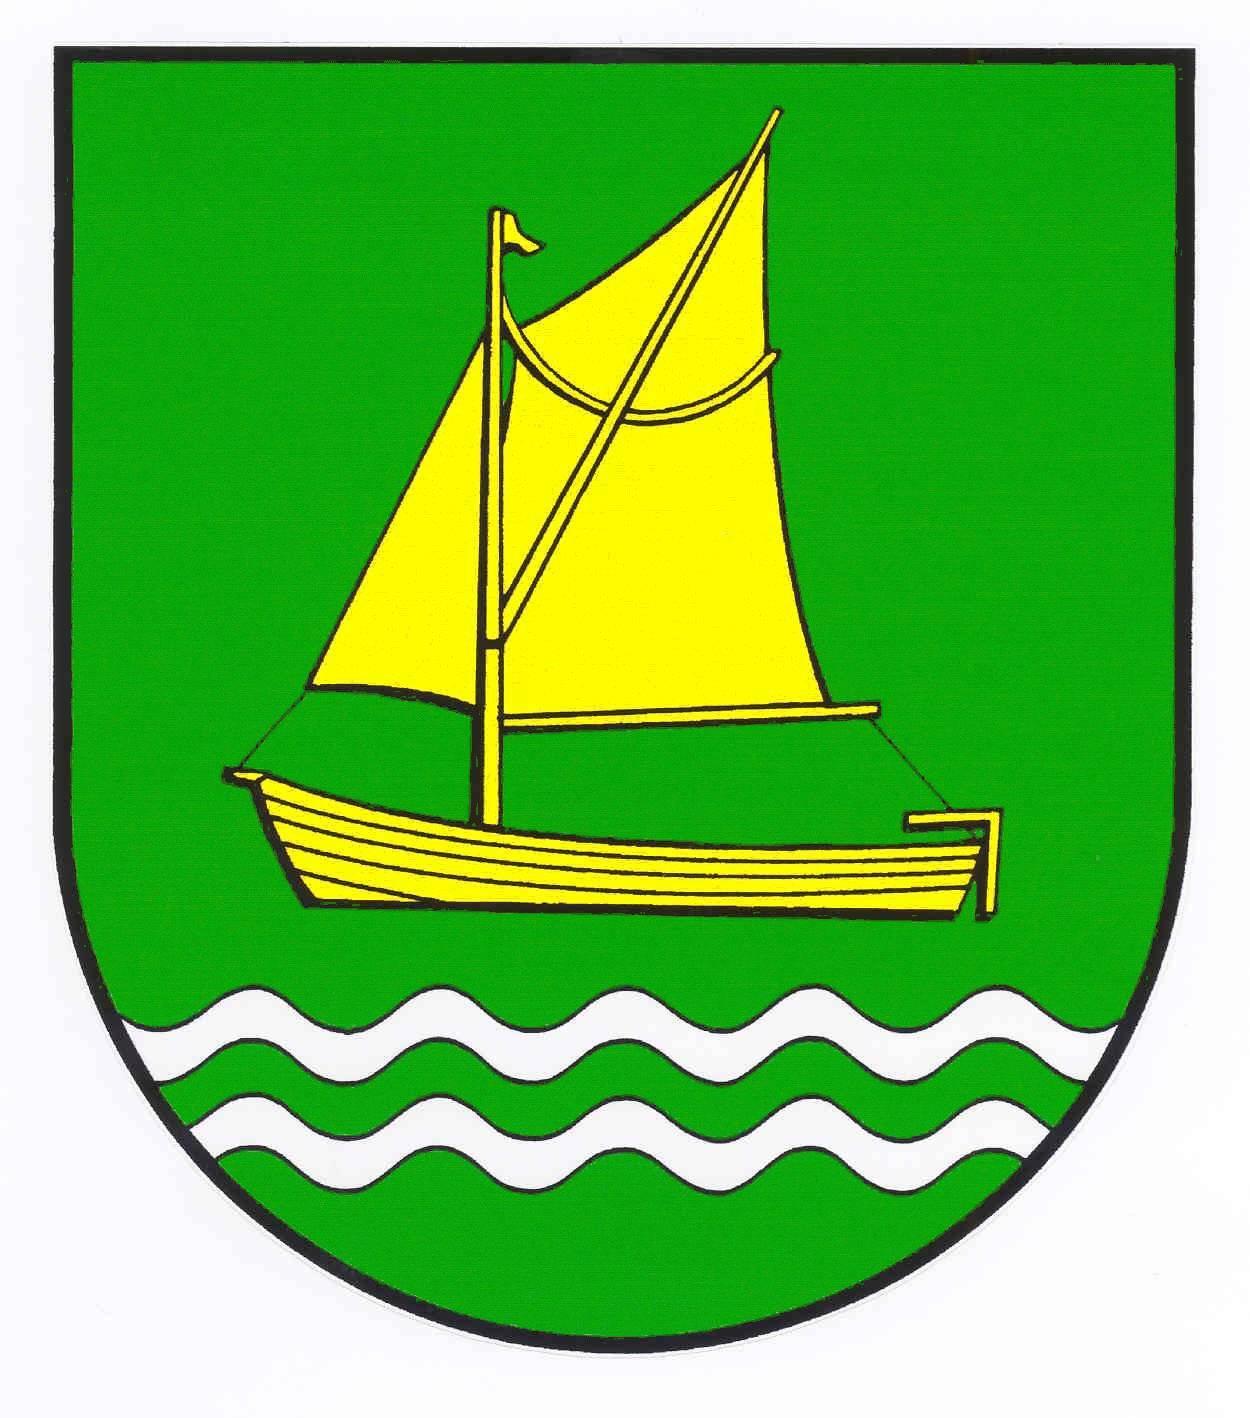 Wappen GemeindeTielen, Kreis Schleswig-Flensburg